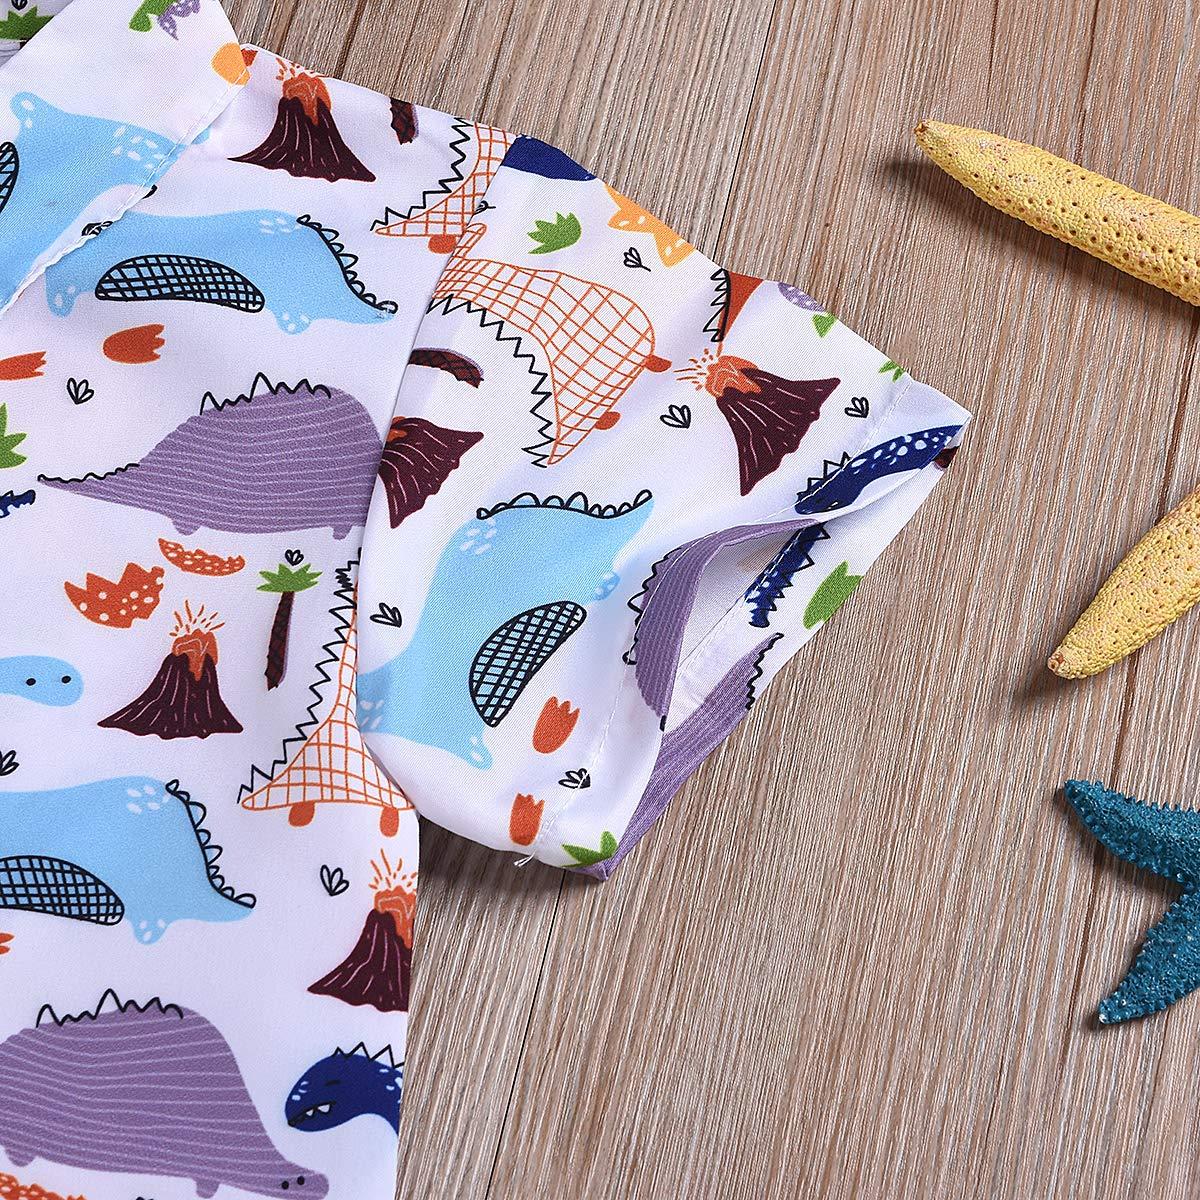 Borlai Abbigliamento alla Moda Dinosauri Regalo di Compleanno 2 Pezzi Pantaloncini Top Camicia Pantaloni Vestito Estivo per Bambini con Stampa Animalier